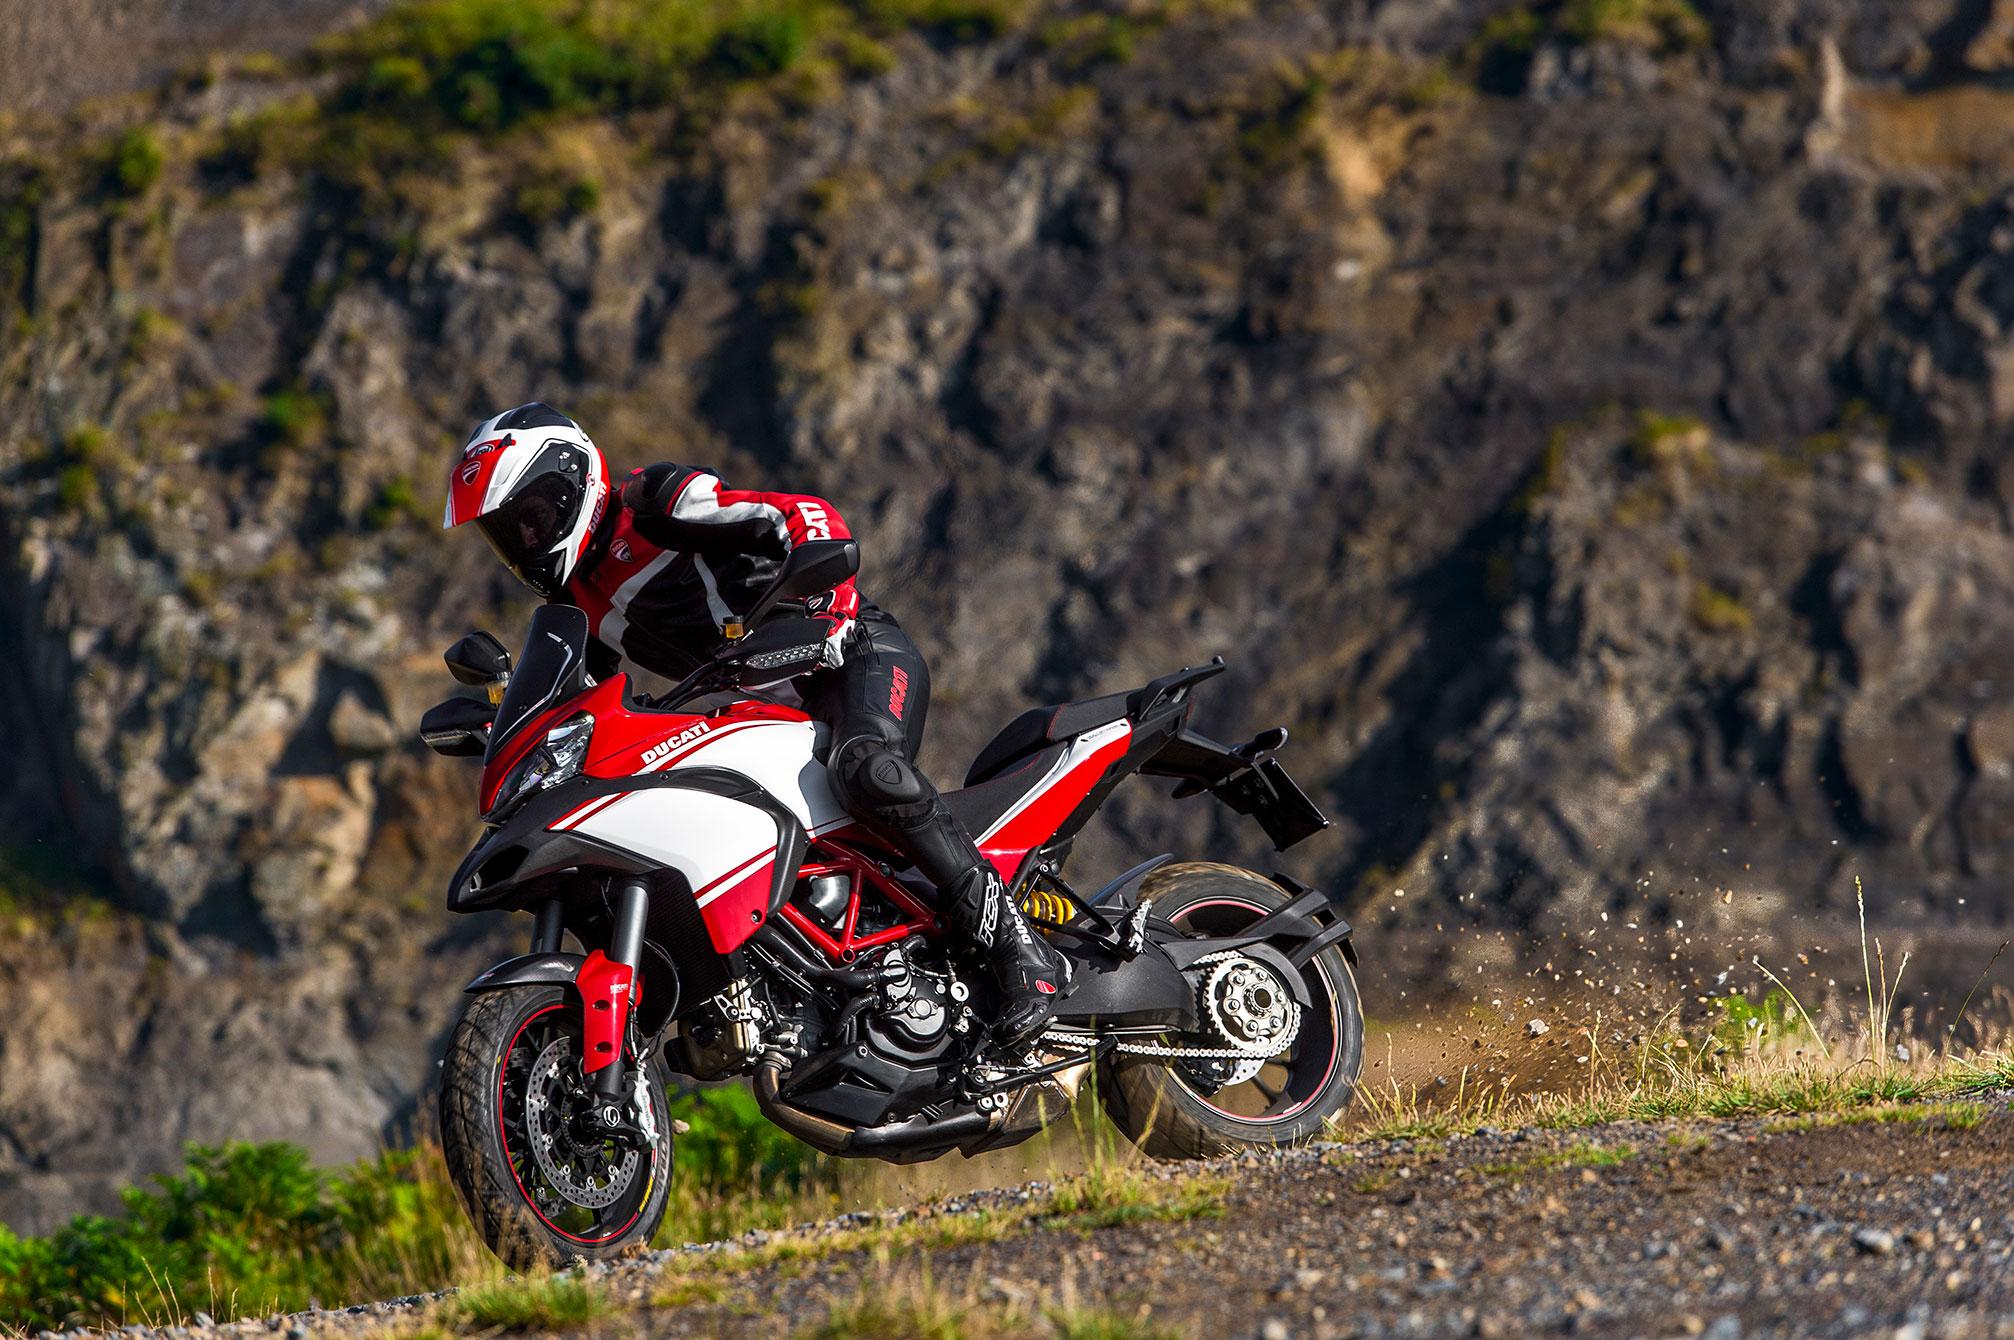 Ducati Multistrada Pikes Peak Wallpaper